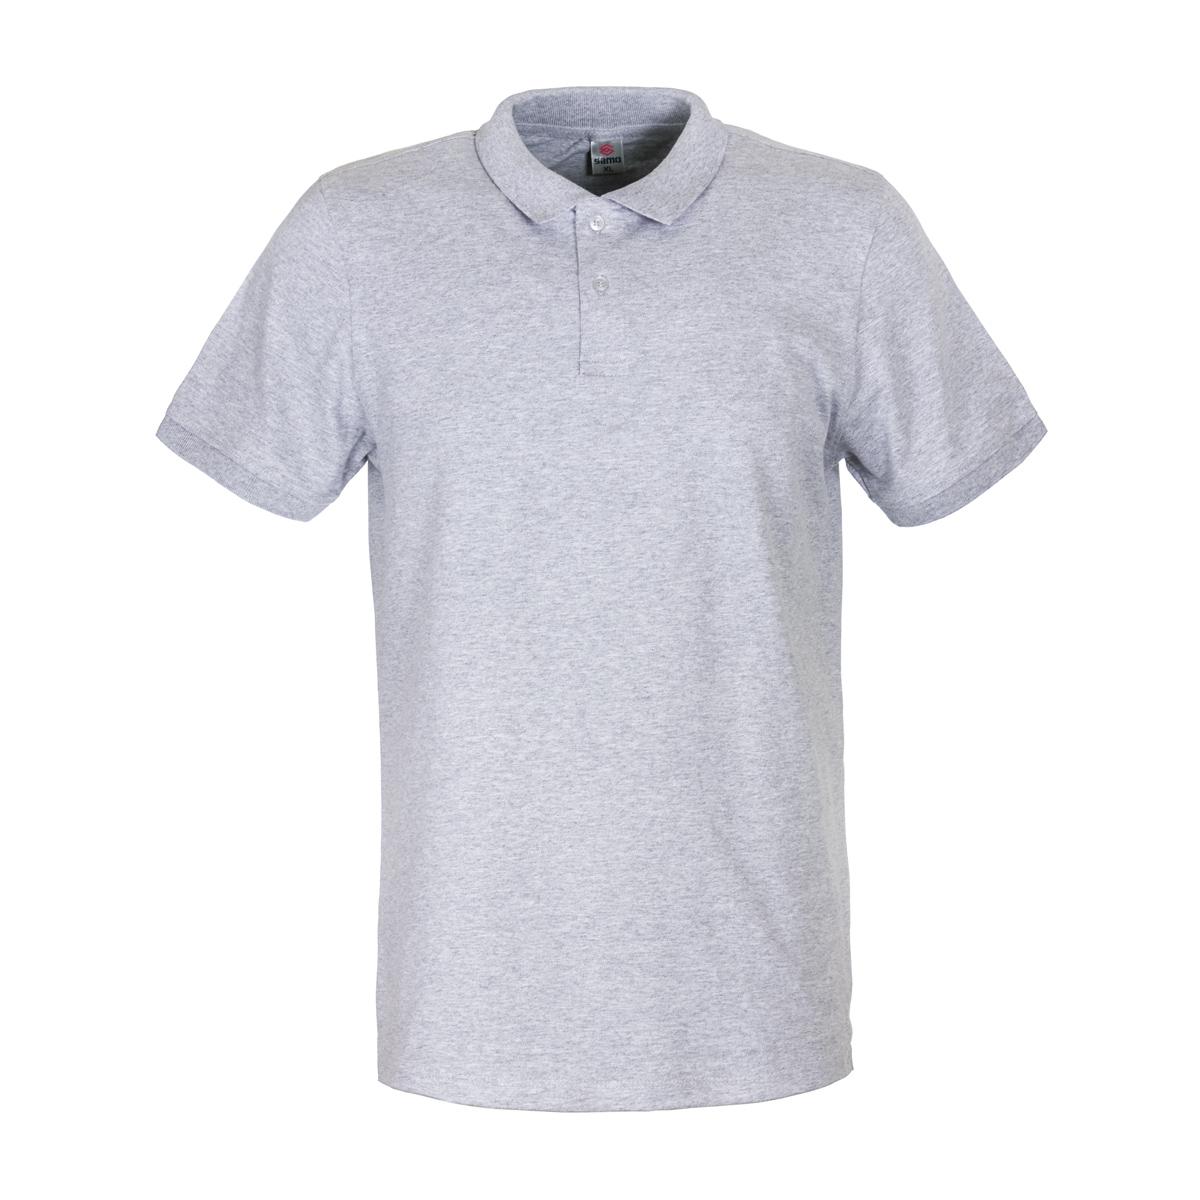 Муж. футболка арт. 04-0050 р. 54 - Мужская одежда артикул: 25712